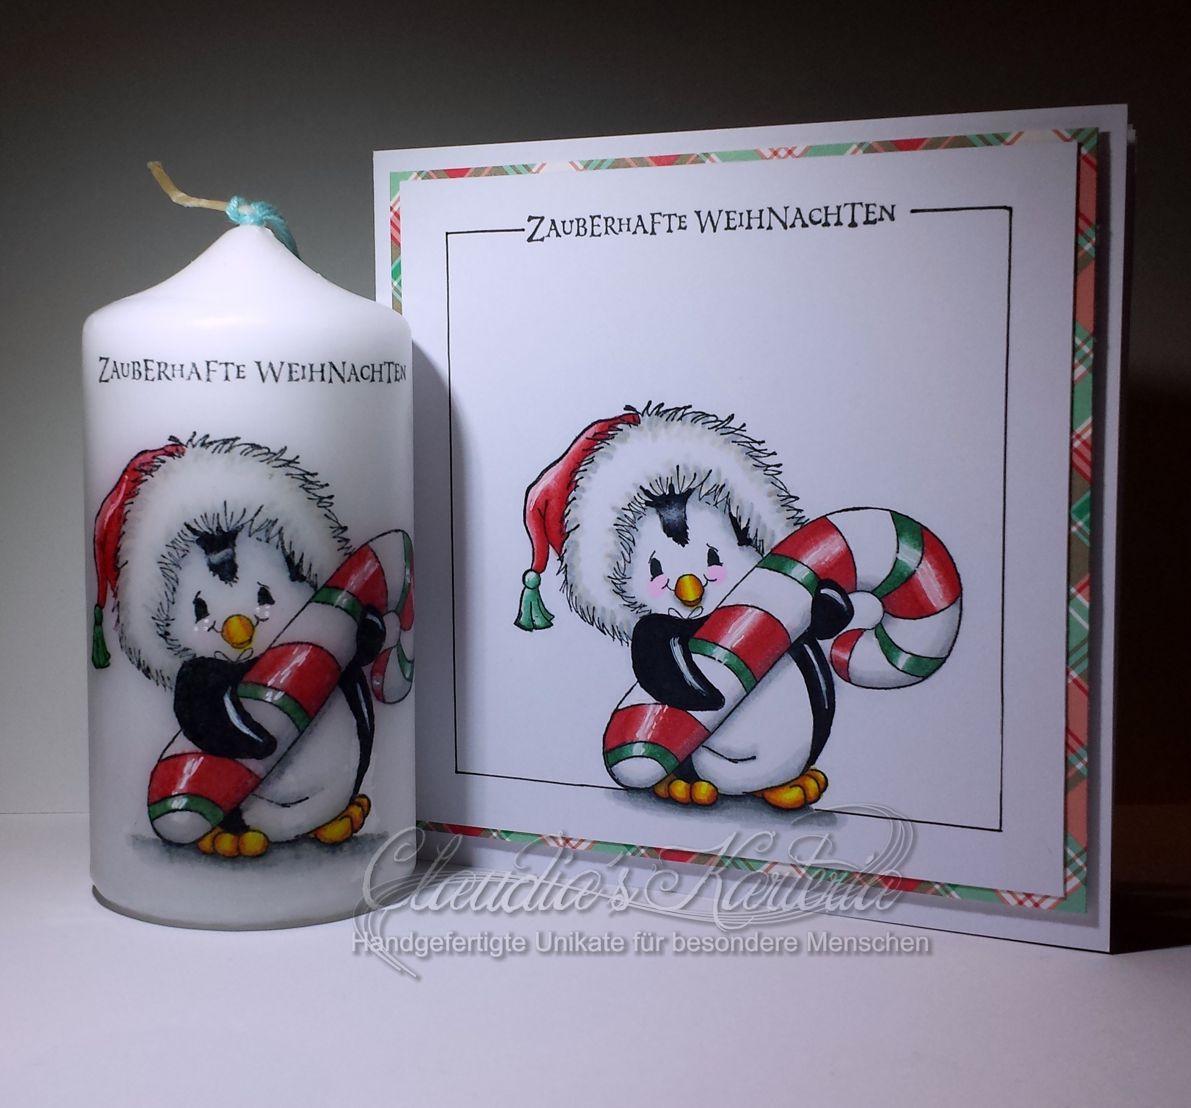 Zauberhafter Zuckerstangen-Punguin zur Weihnacht | Weihnachtskarte & Kerze (Set)